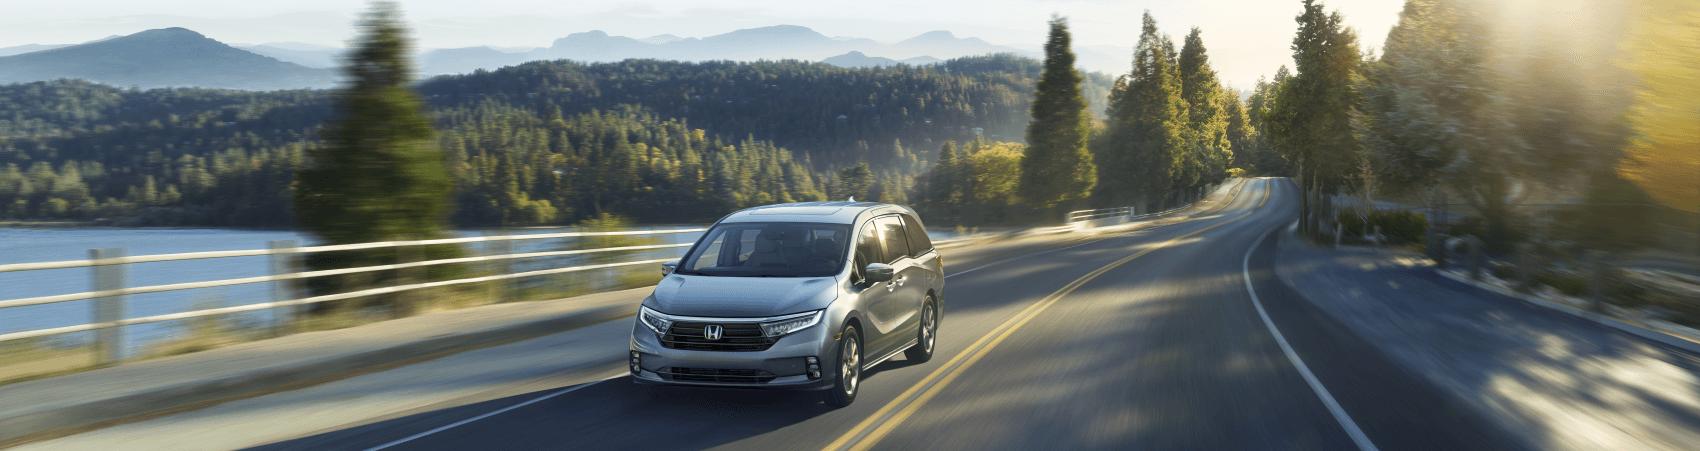 2021 Honda Odyssey Highway